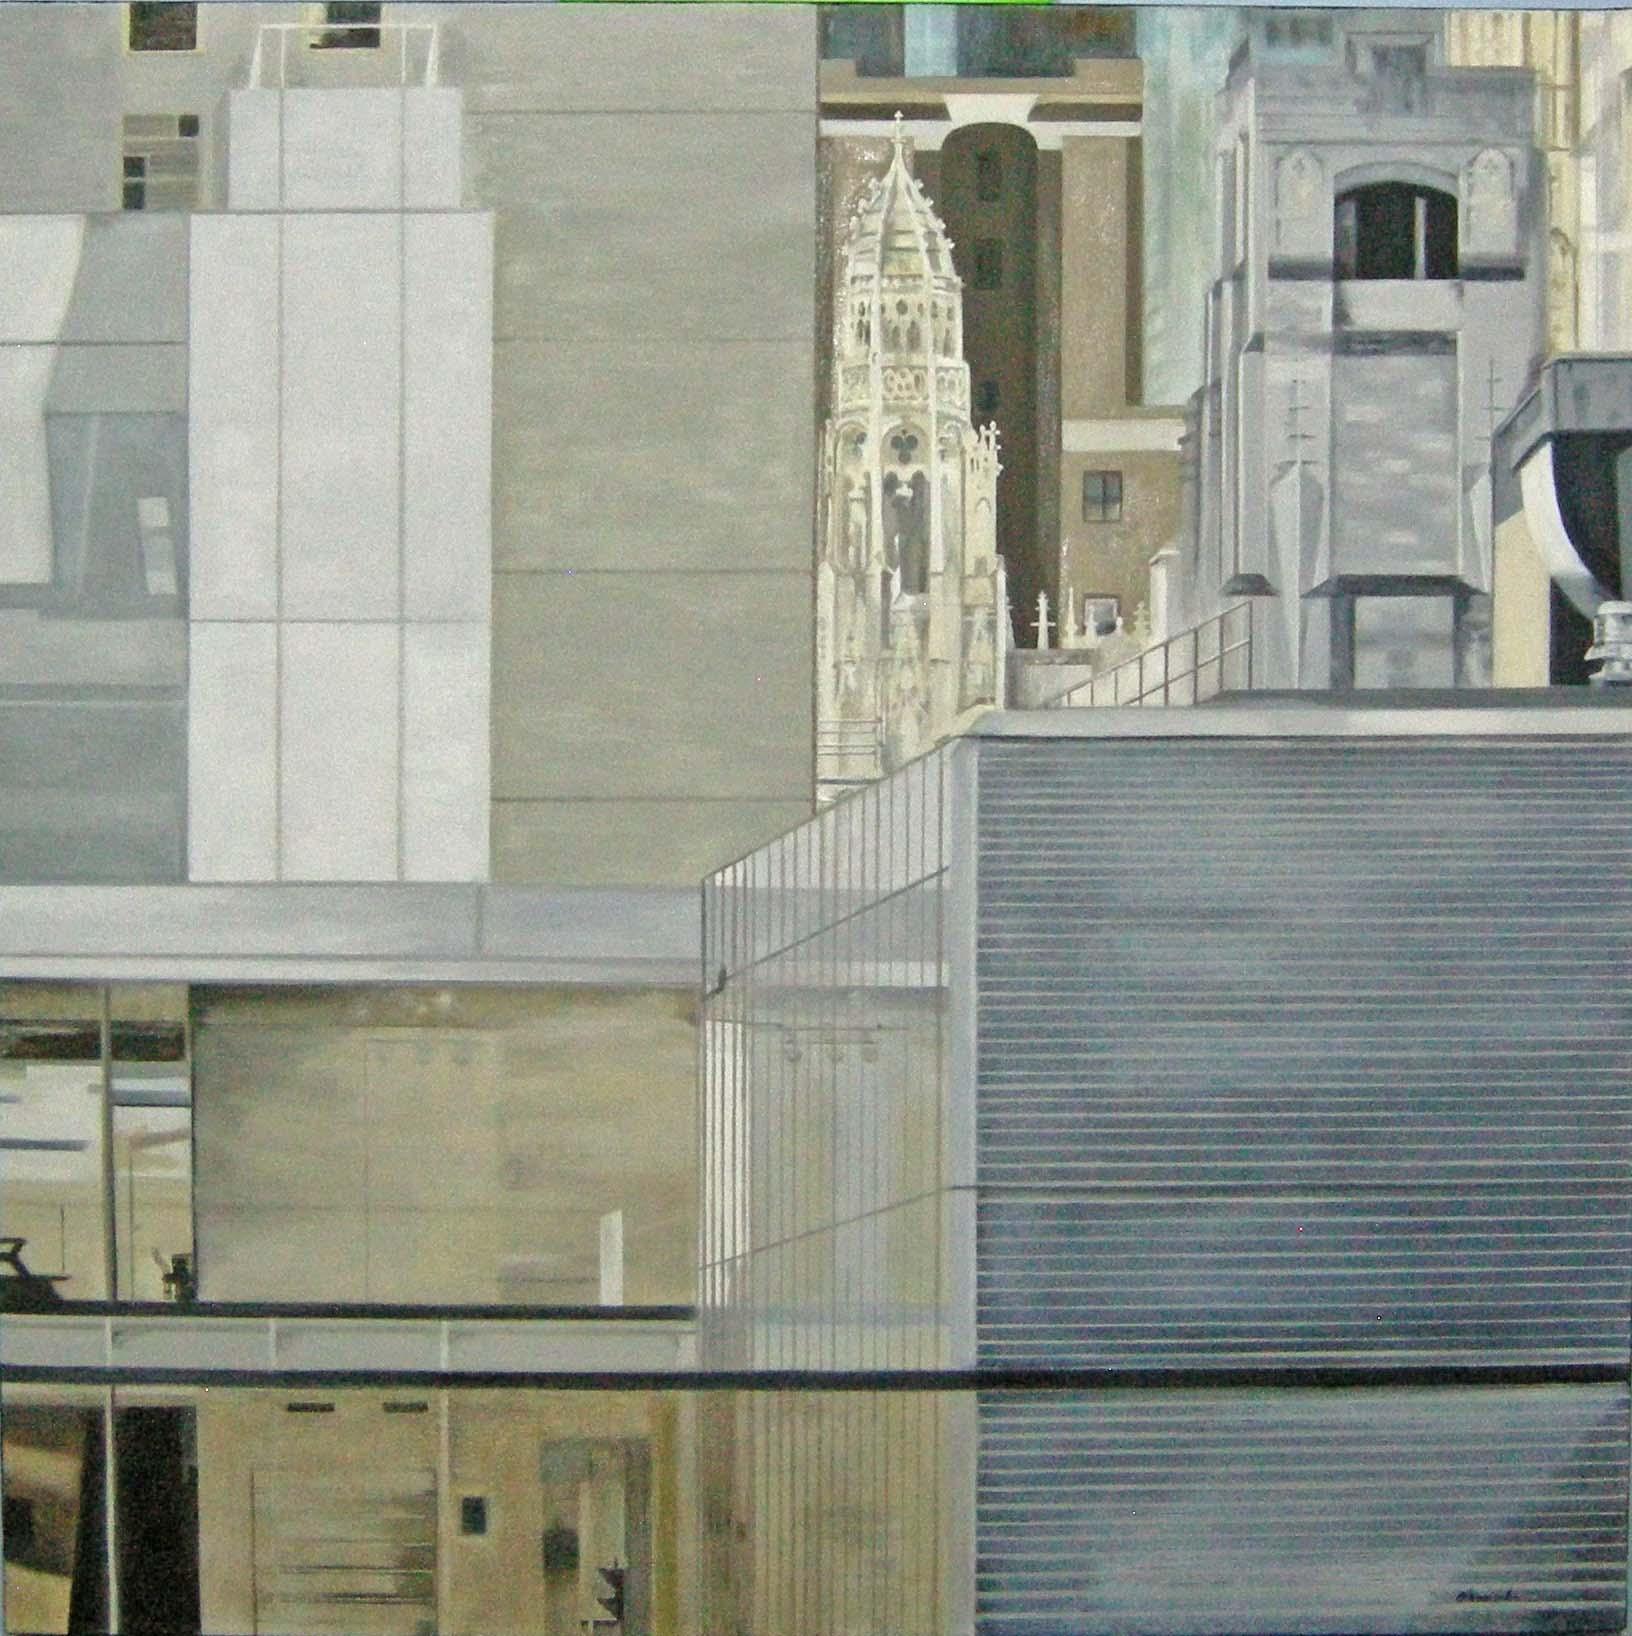 MoMA Views